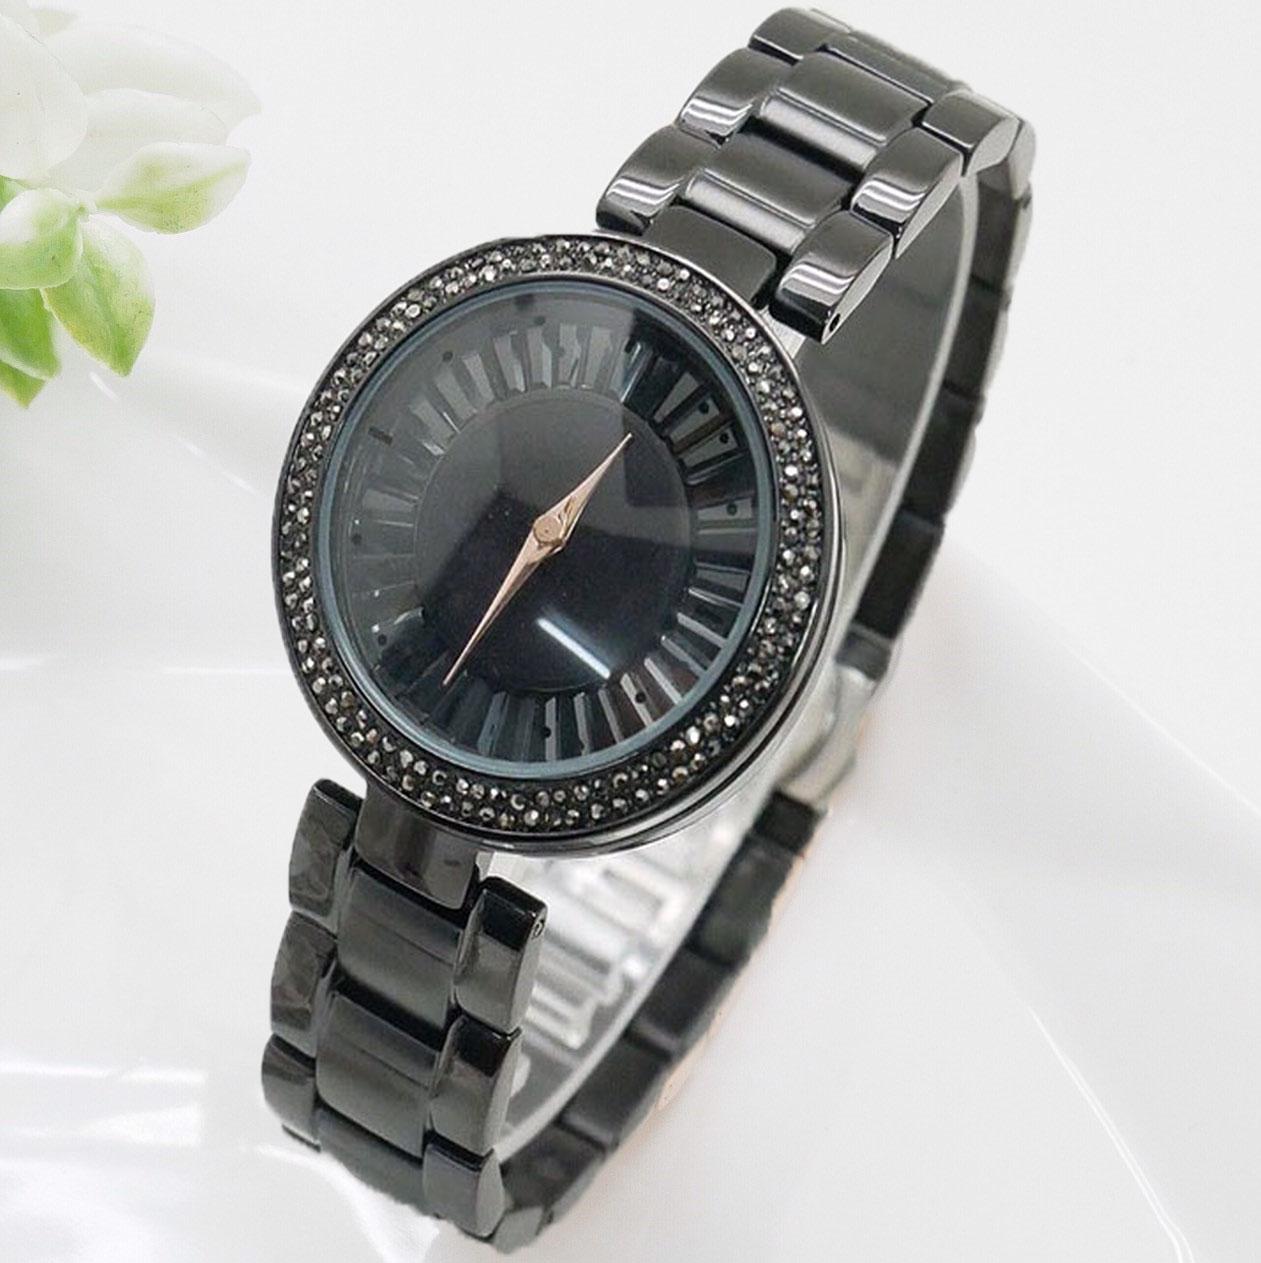 นาฬิกาข้อมือผู้หญิง MISHALI M18003 F